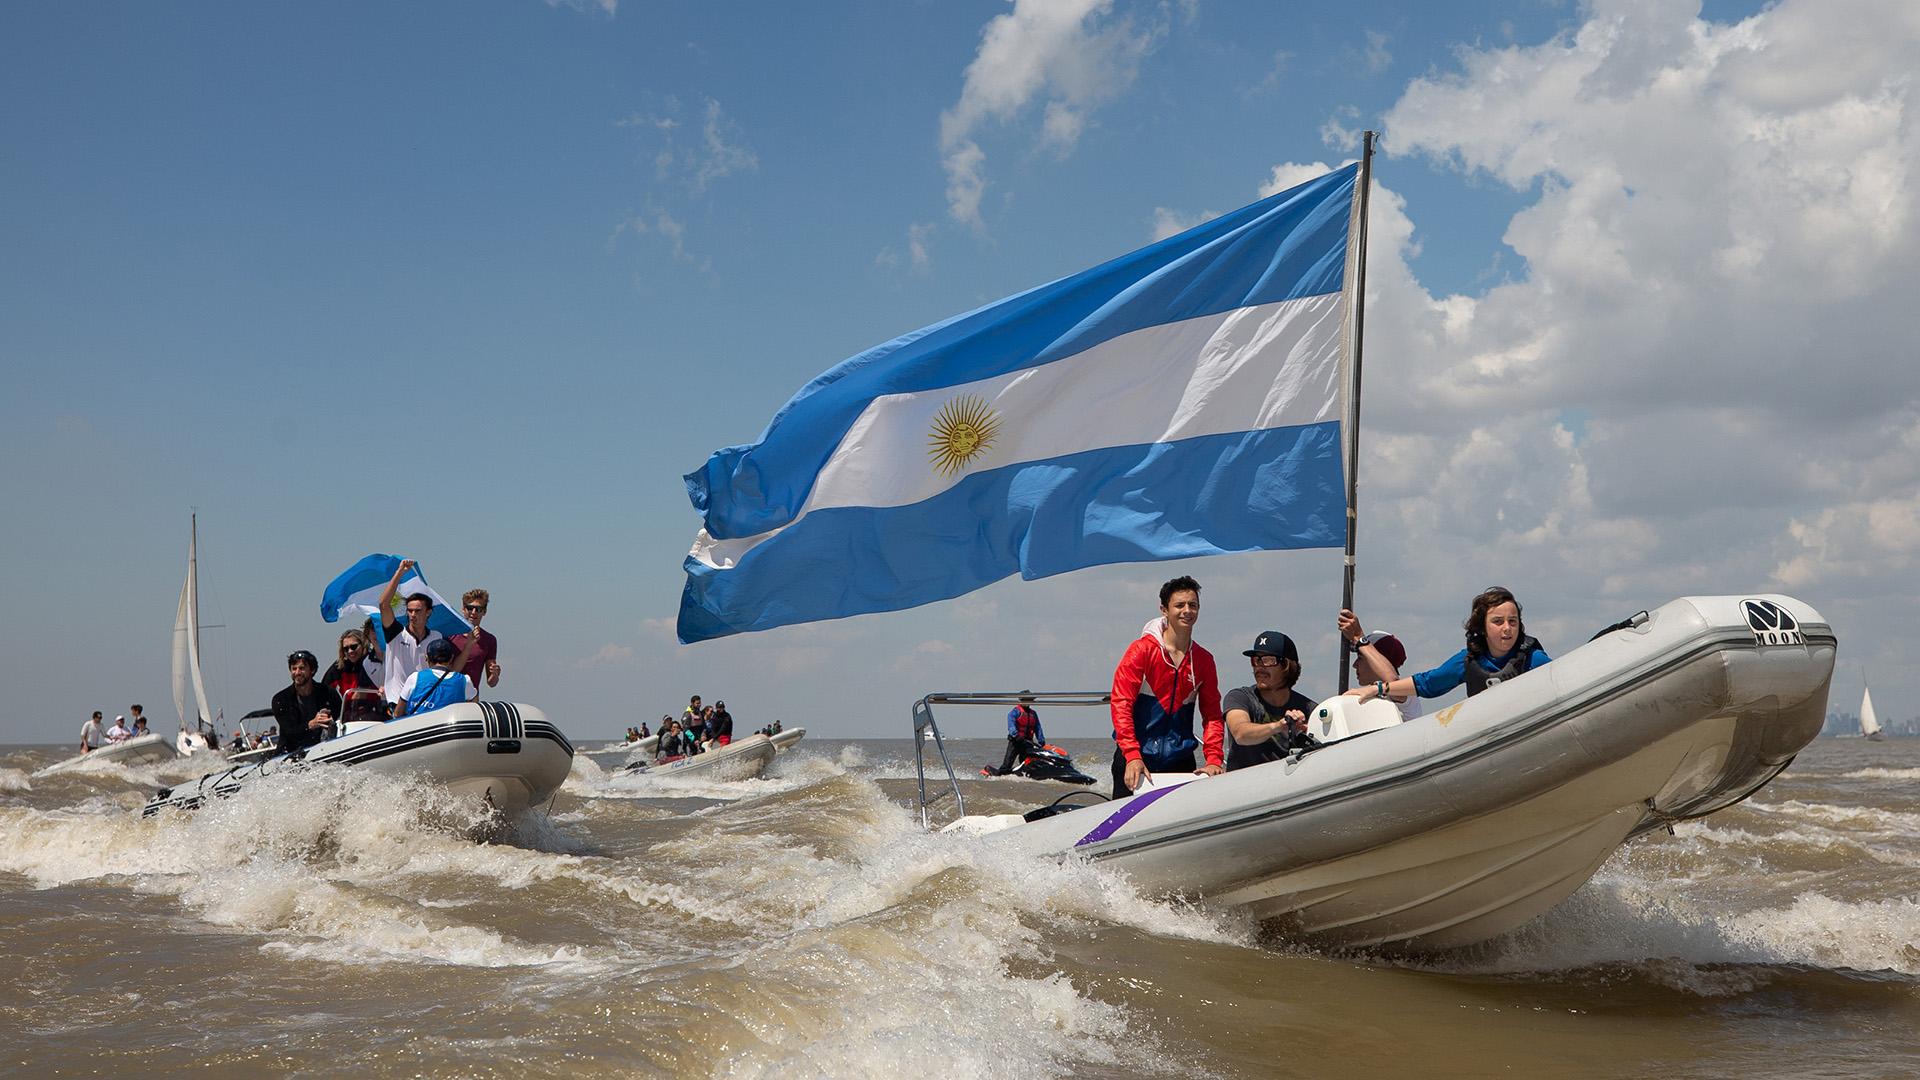 Los festejos del equipo argentino luego de concretar su victoria que le permitió colgarse la medalla de oro (Foto: REUTERS)